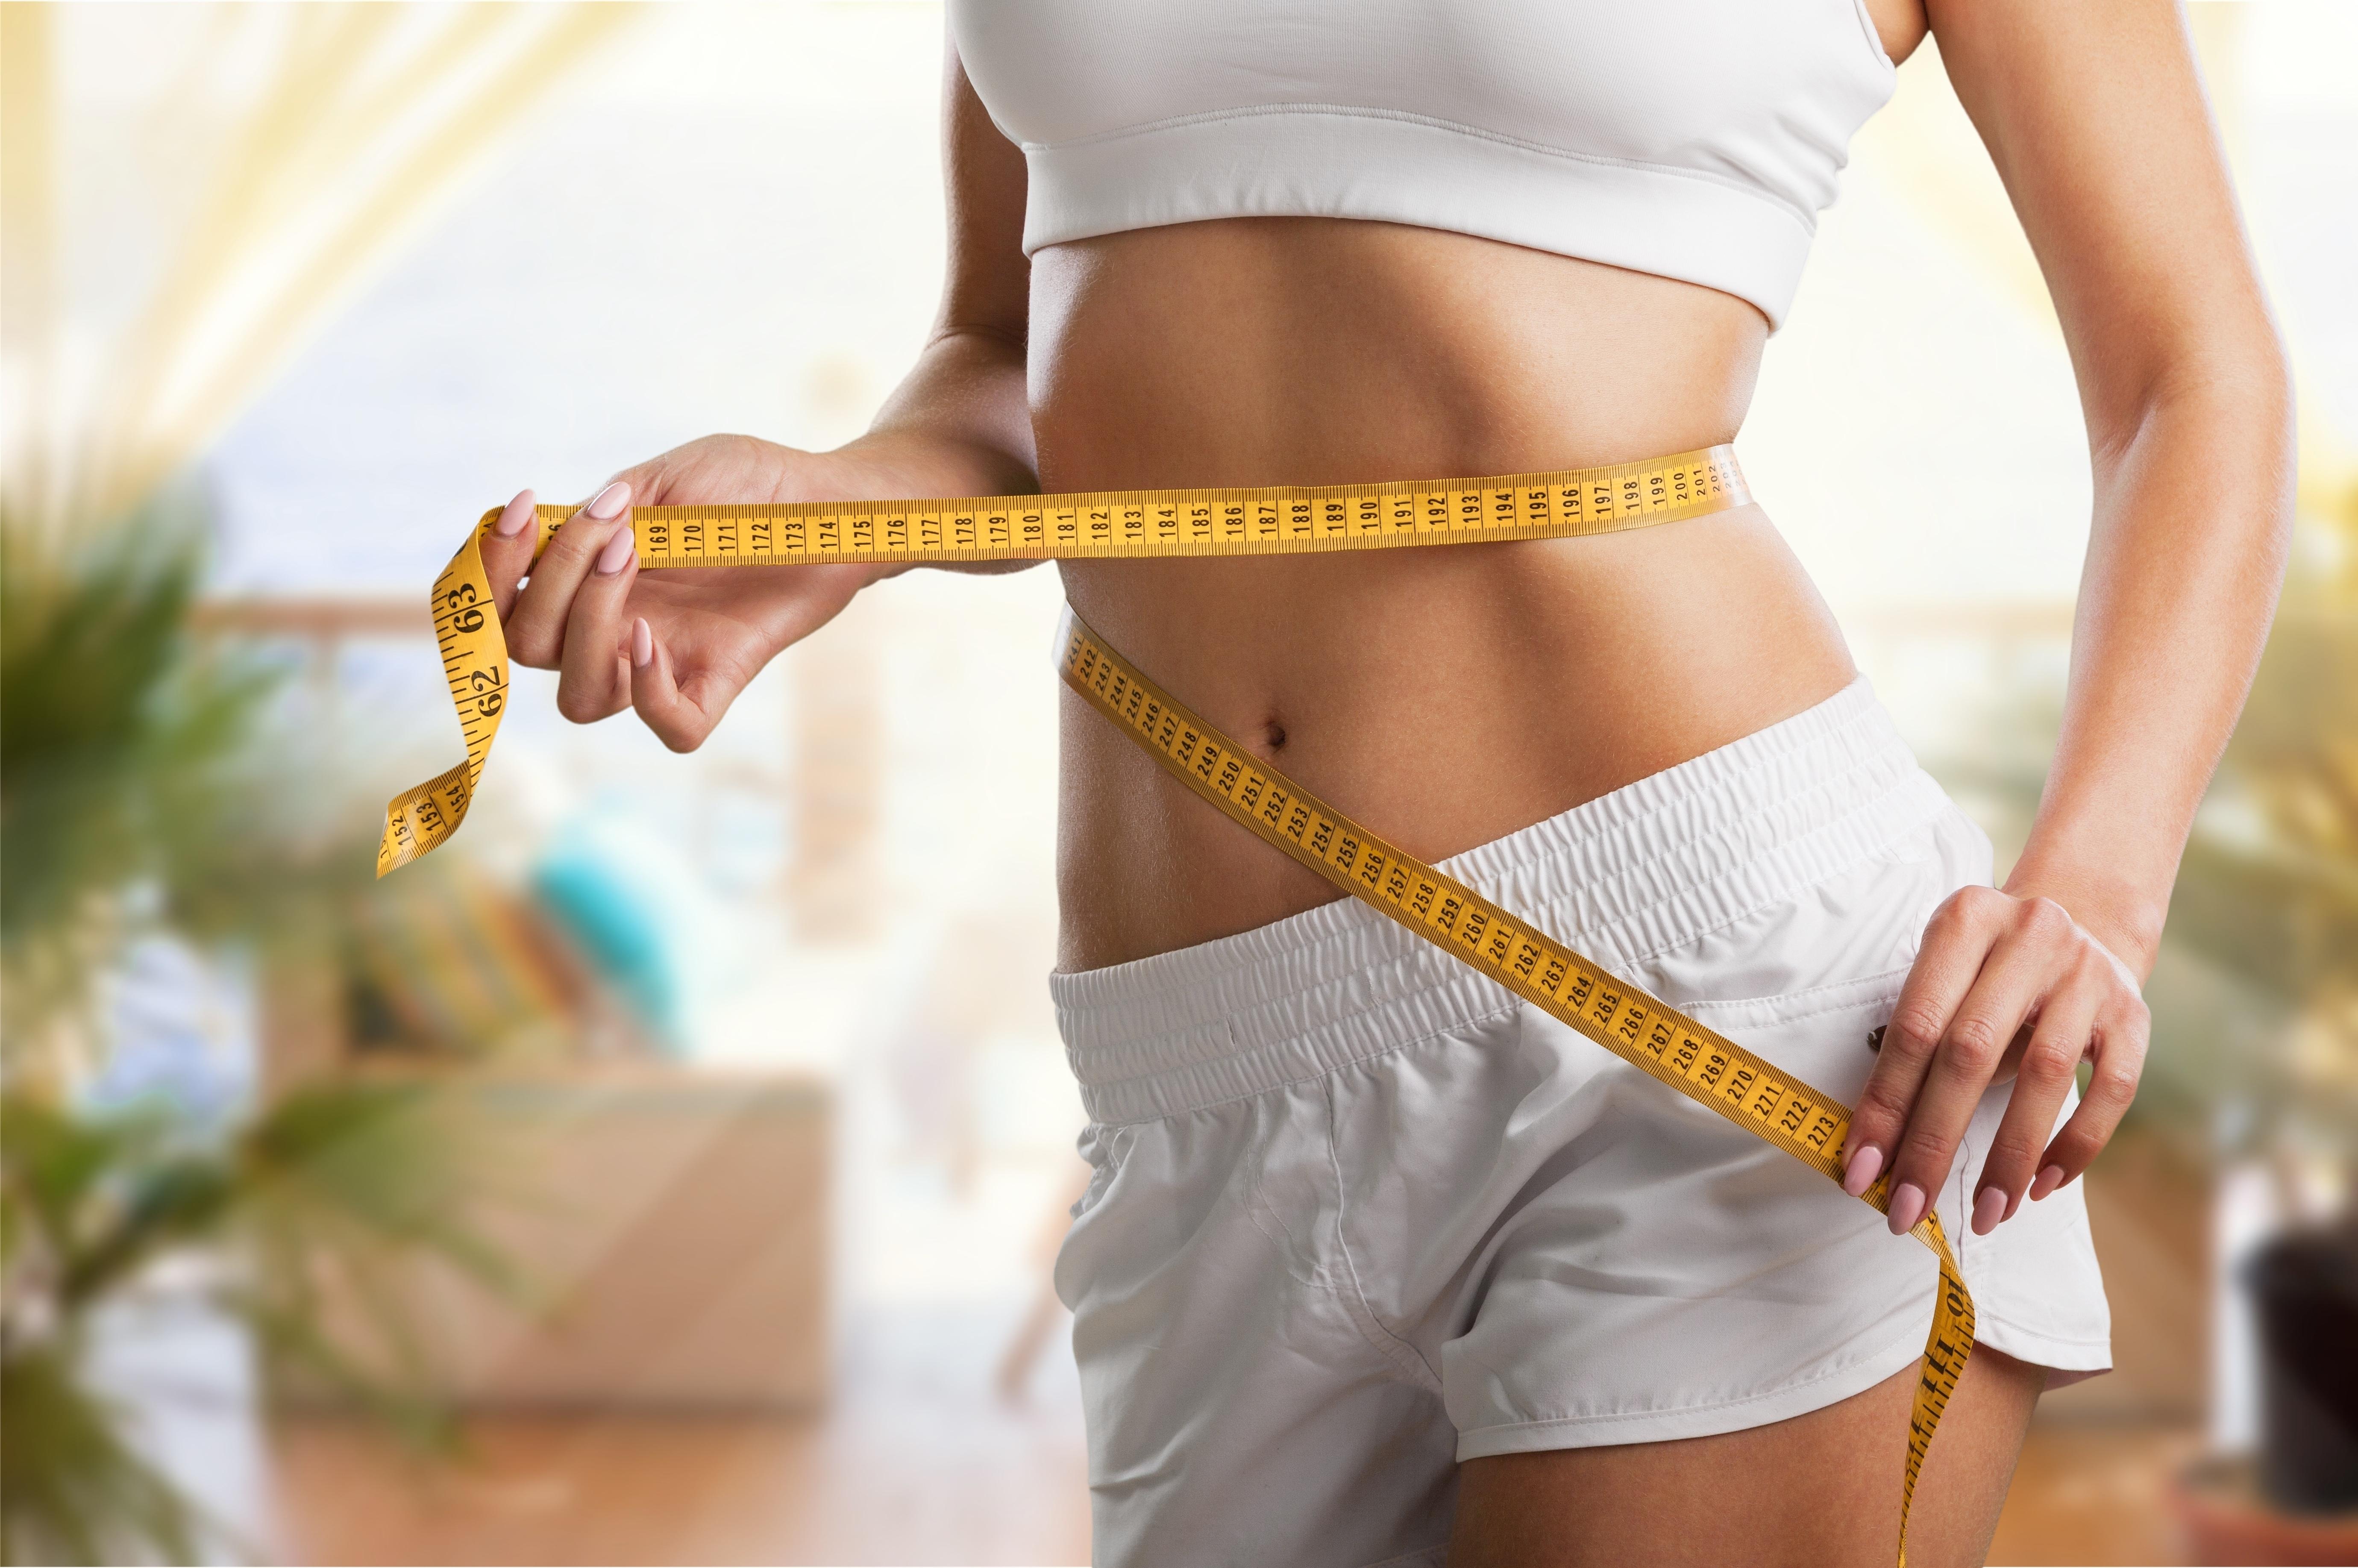 Pierderea în greutate centimetri obiective